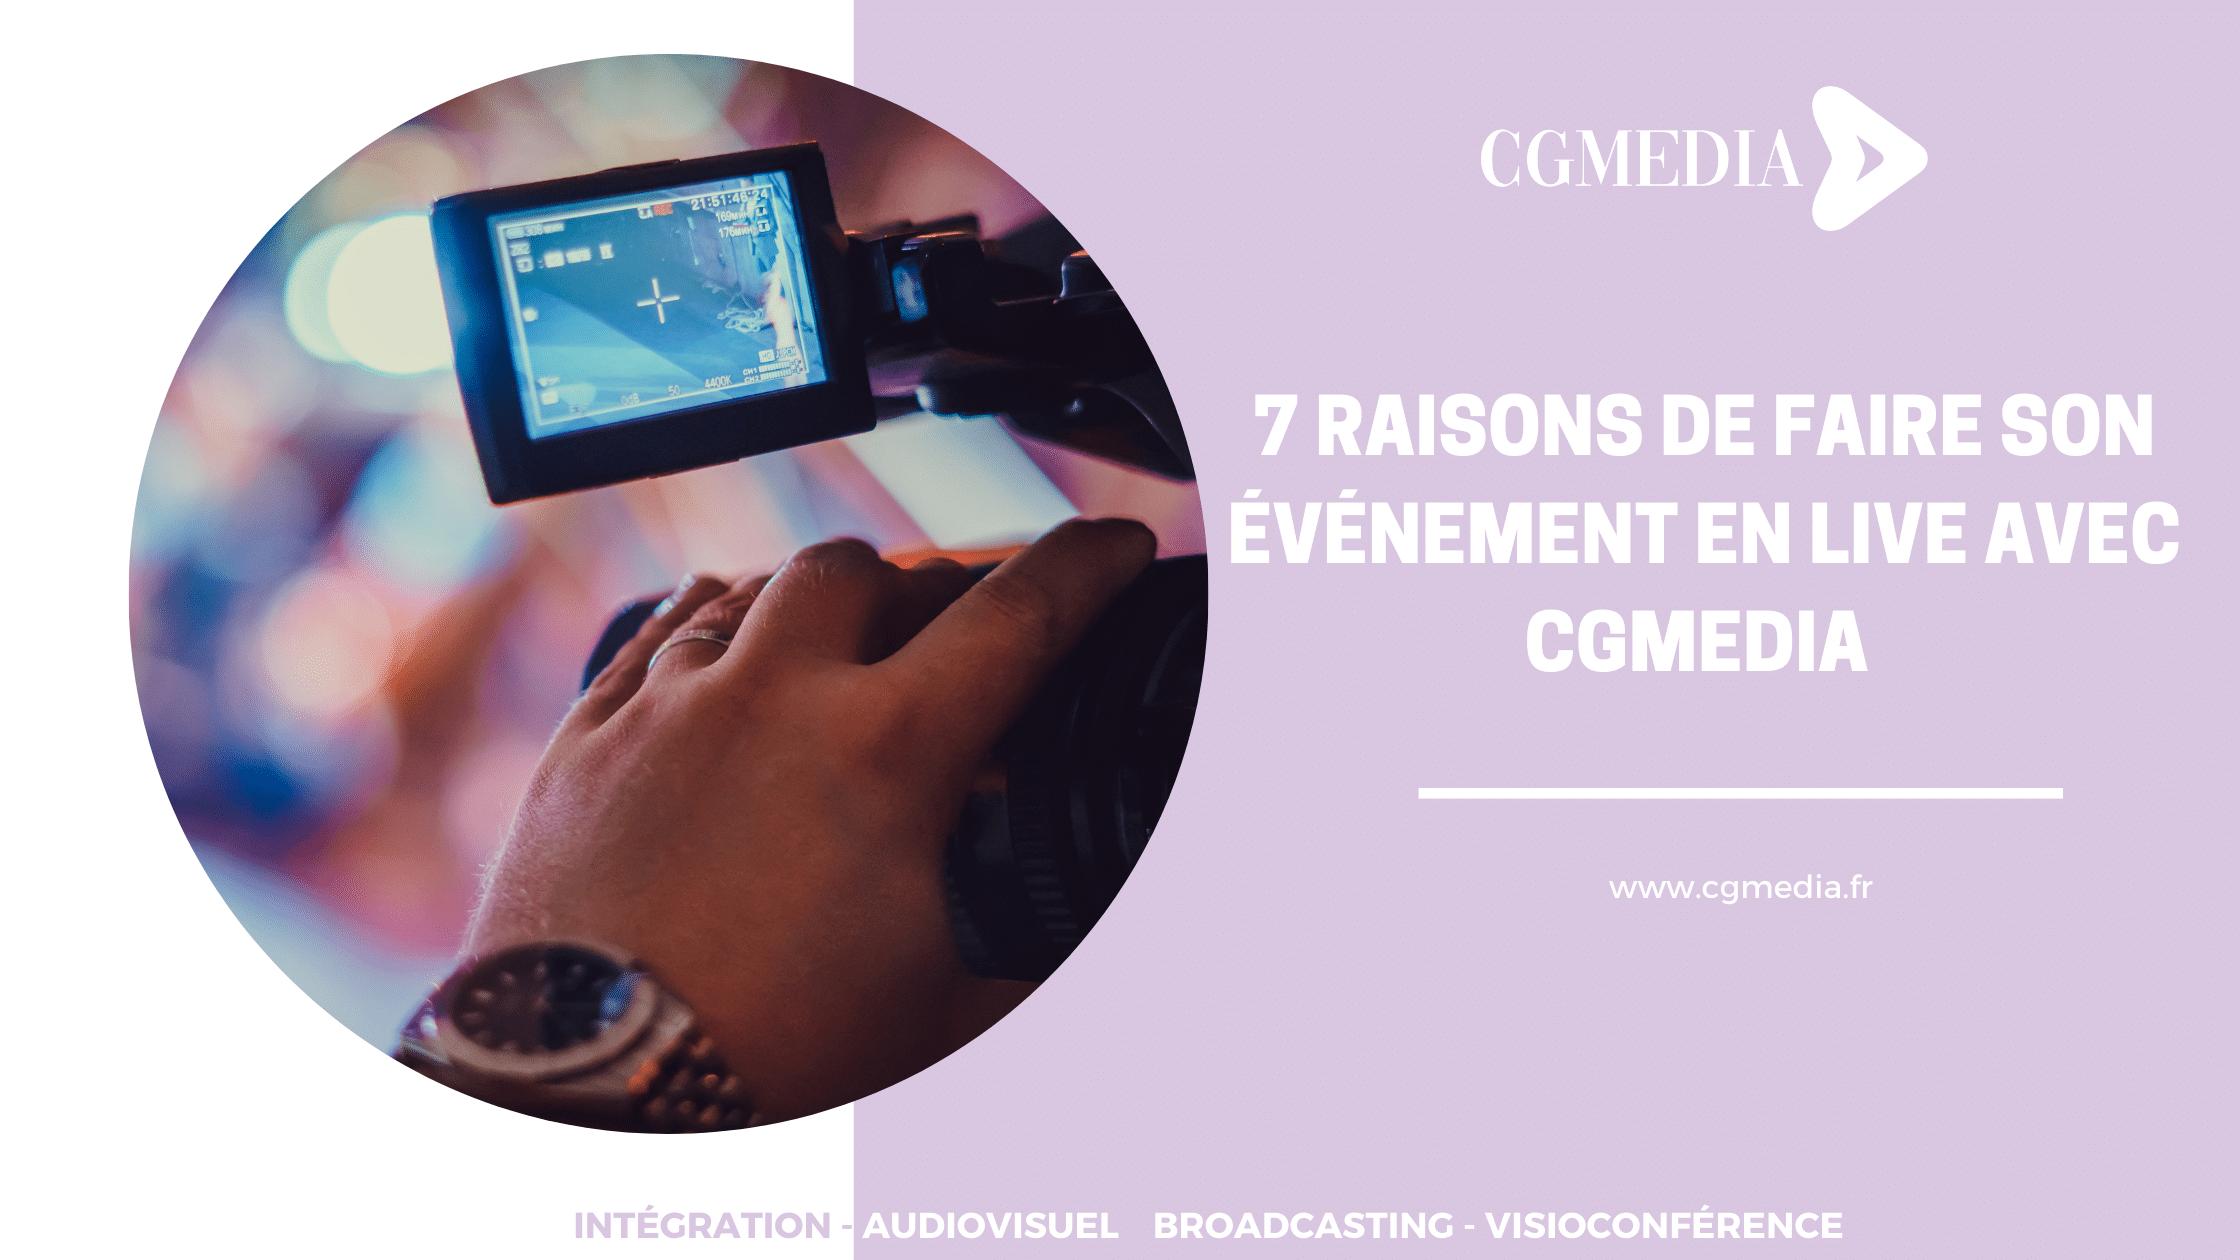 7 raisons de faire son événement en live avec CGMEDIA